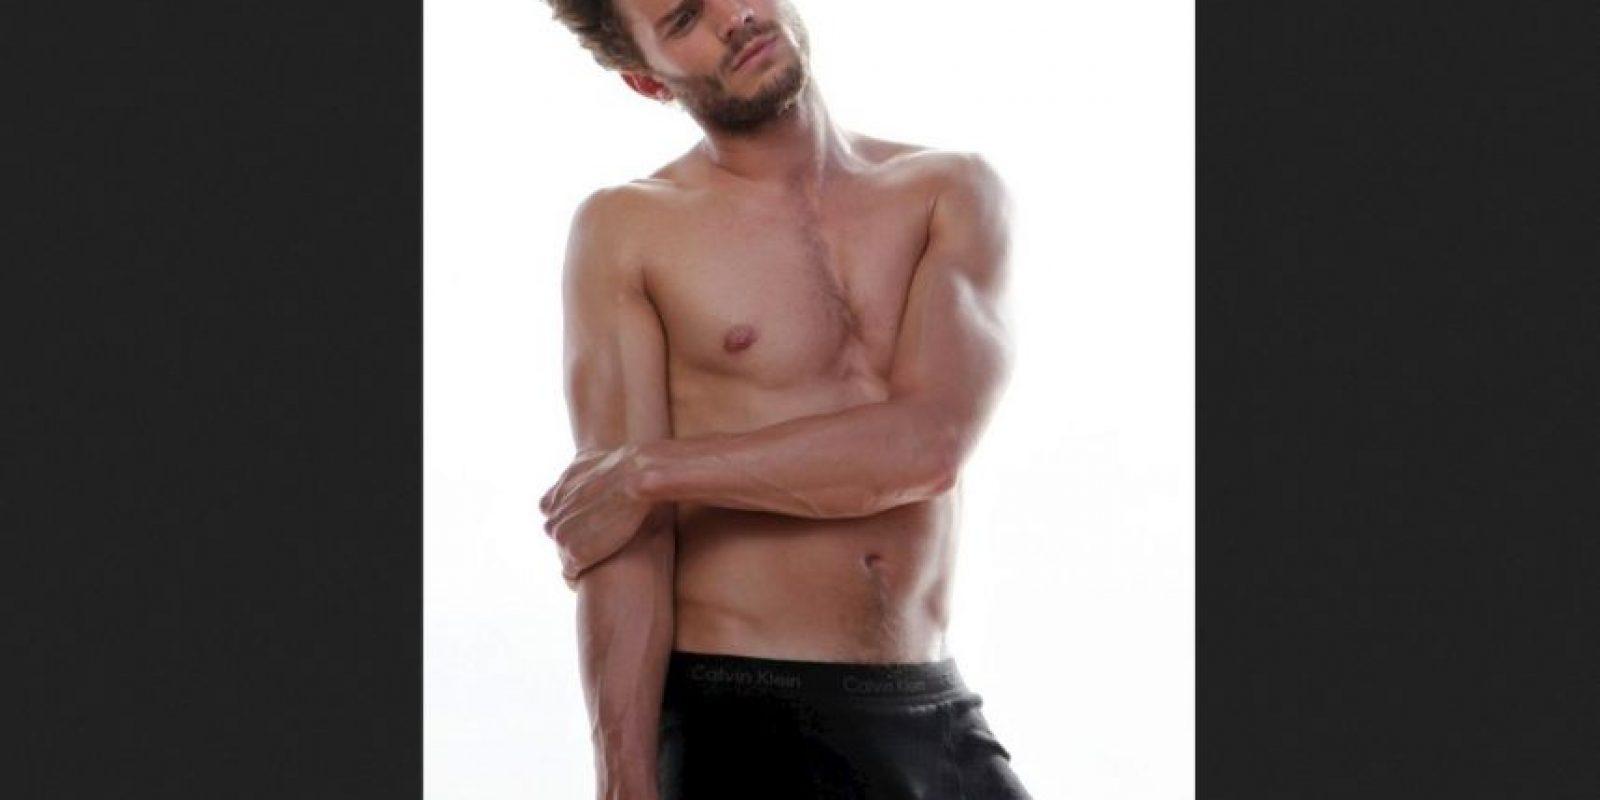 """Jamie Dornan era modelo y protagonista de editoriales de moda para las grandes revistas. También es actor, pero se hizo conocido por interpretar a Christian Grey en """"50 sombras de Grey"""". Aquí les dejamos sus fotos más sensuales Foto:Calvin Klein"""